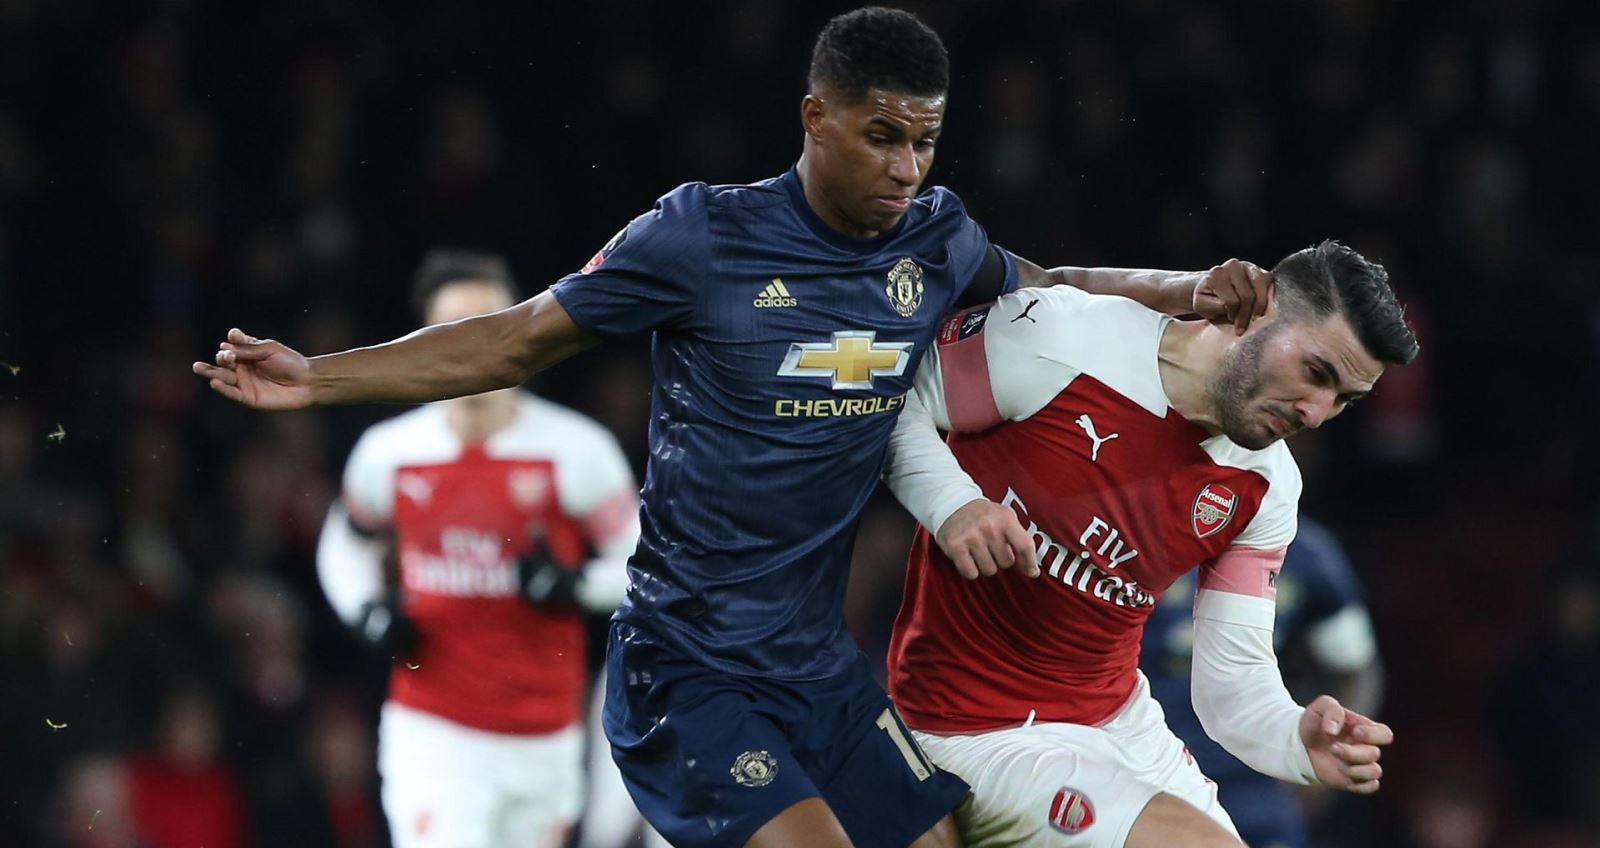 Arsenal vs MU, Arsenal, MU, lịch thi đấu, arsenal đấu với mu, manchester united, trực tiếp bóng đá, trực tiếp Arsenal vs MU, bóng đá, bong da